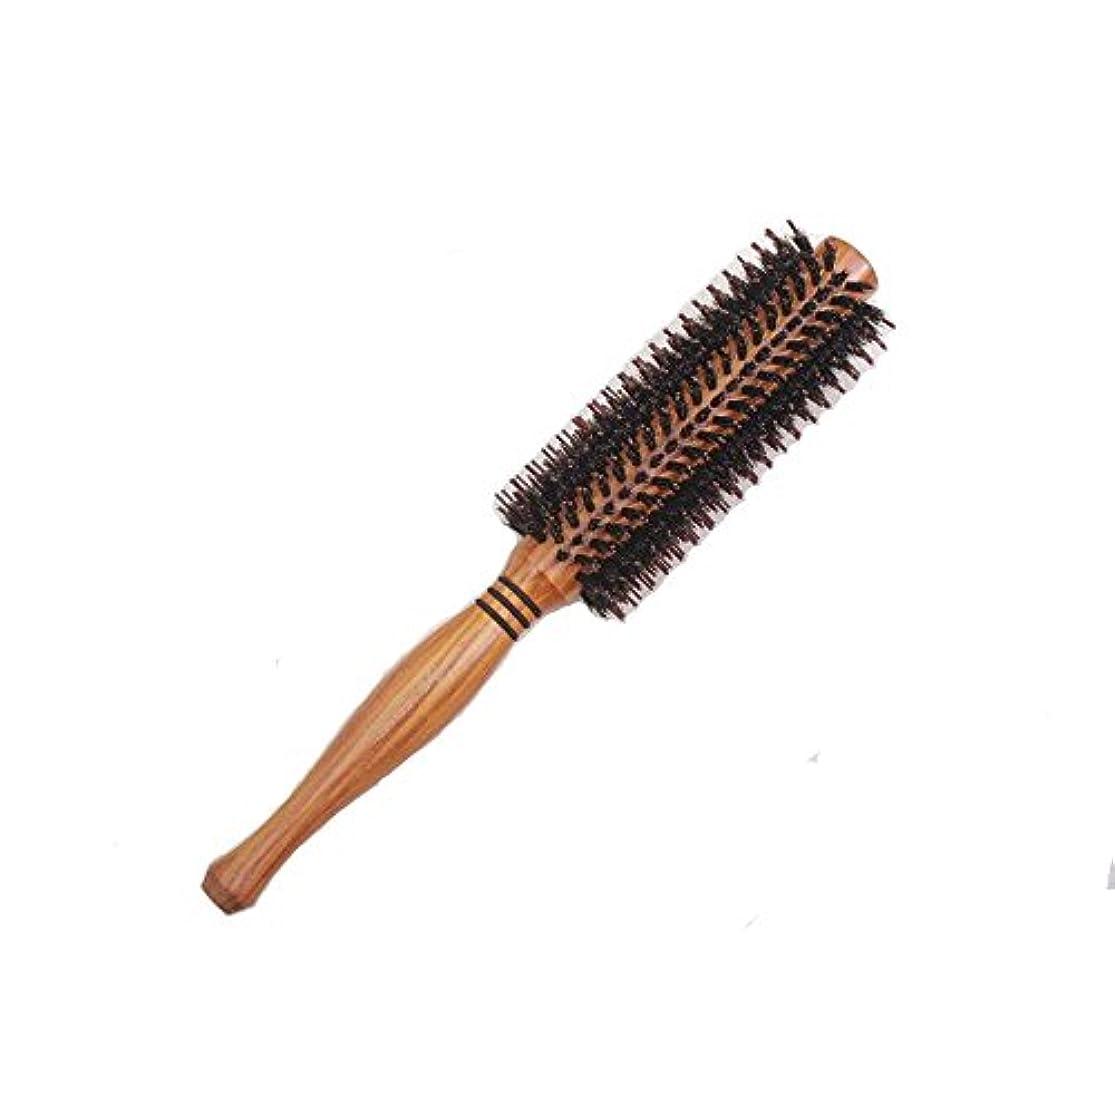 考古学者結果として解釈的天然ロールブラシ 豚毛 耐熱仕様 ブロー カール 巻き髪 ヘア ブラシ ロール